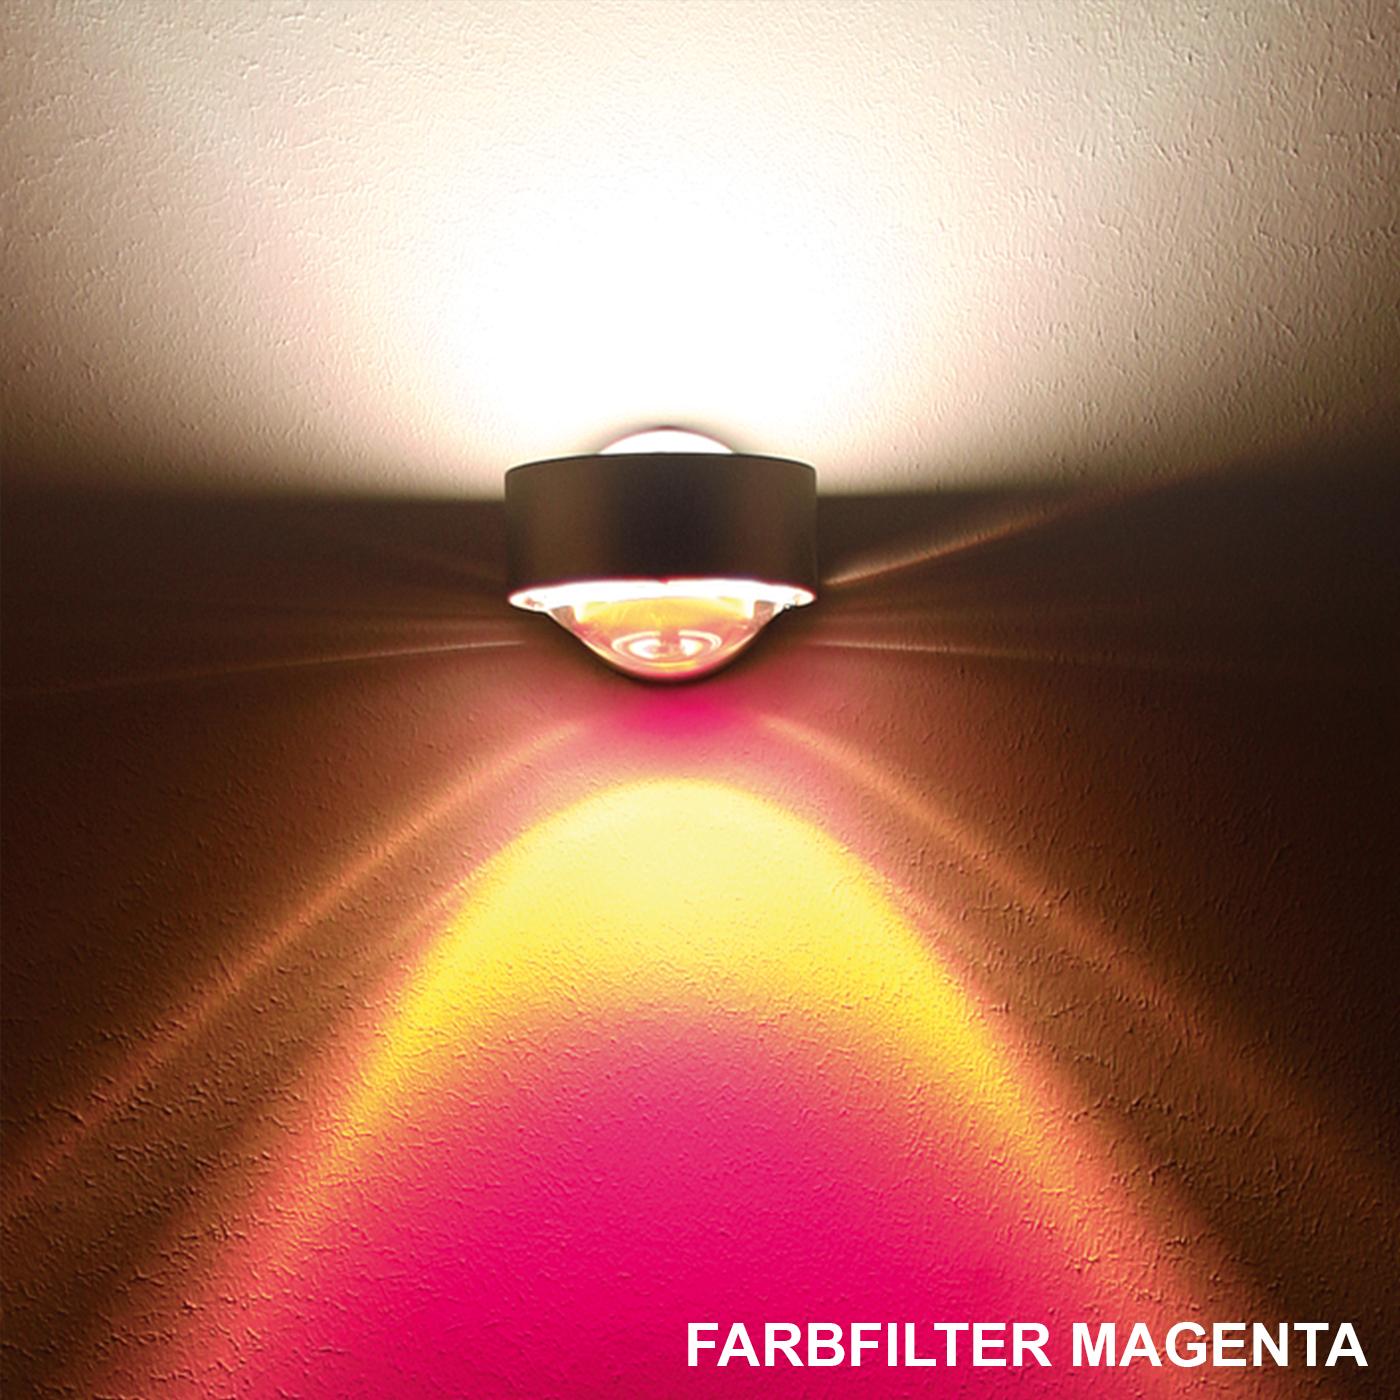 Farbfilter Magenta